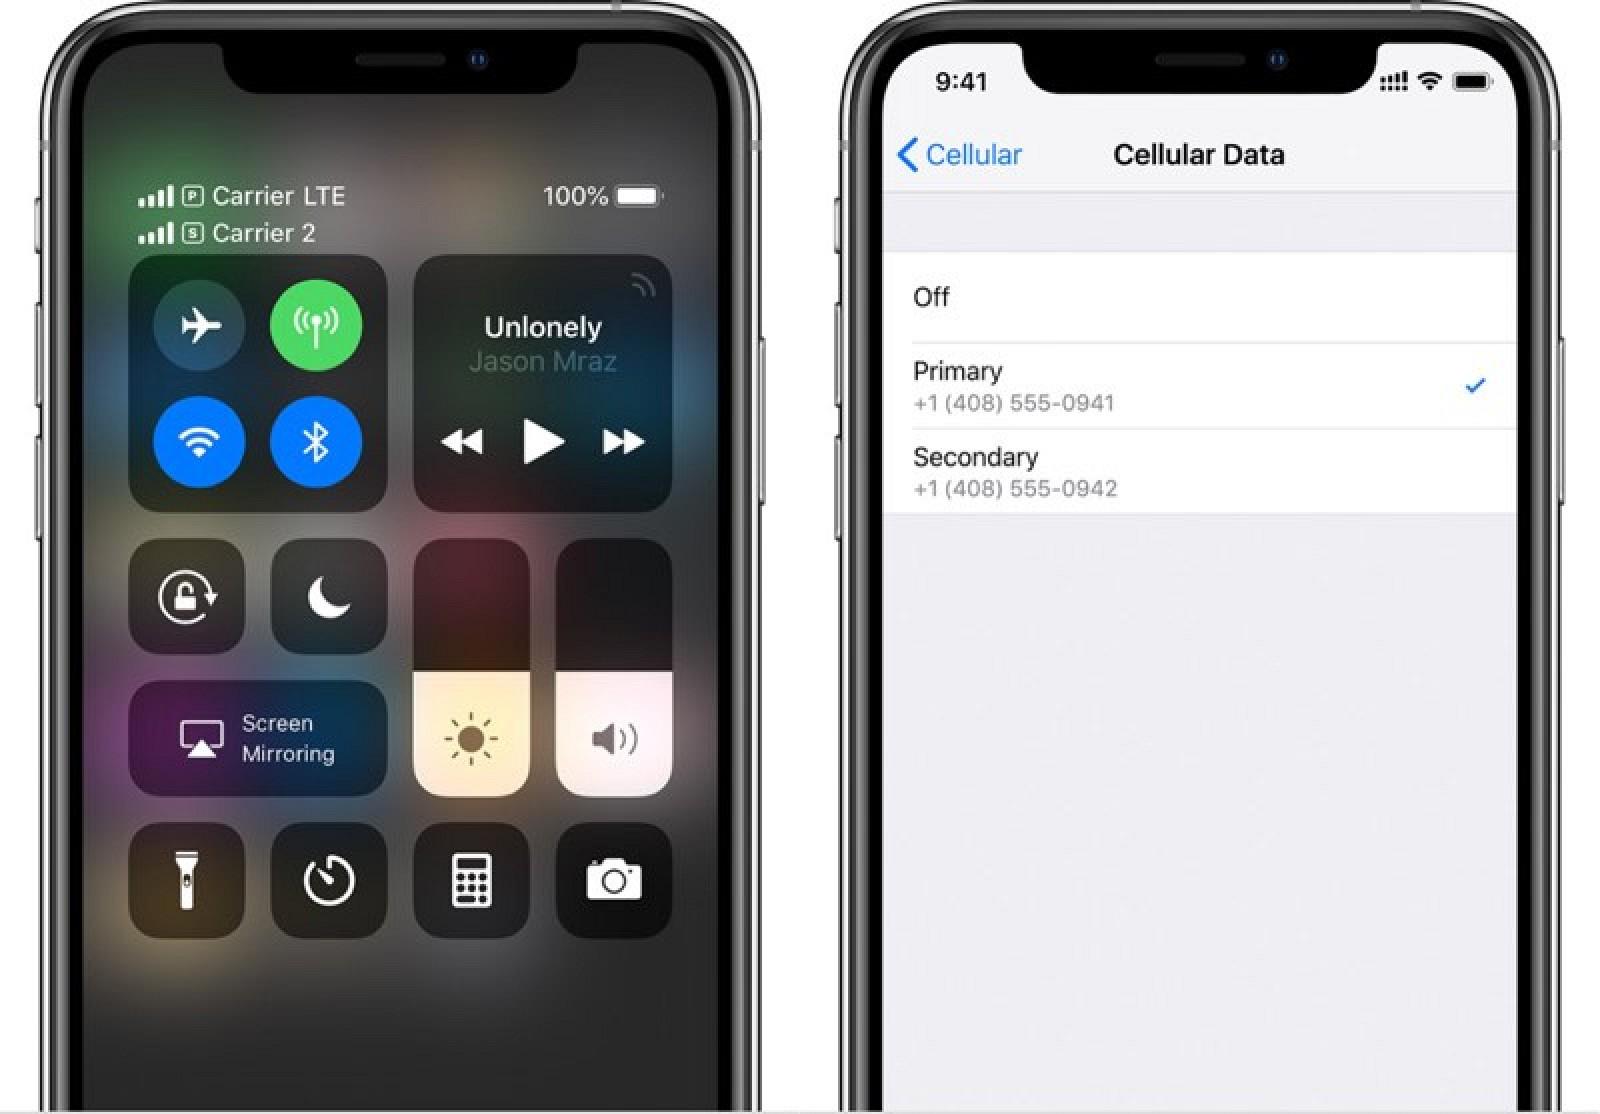 اطلقت أبل تحديث iOS 12.1.2 لأجهزة الايفون مع اصلاح الشريحة الالكترونية